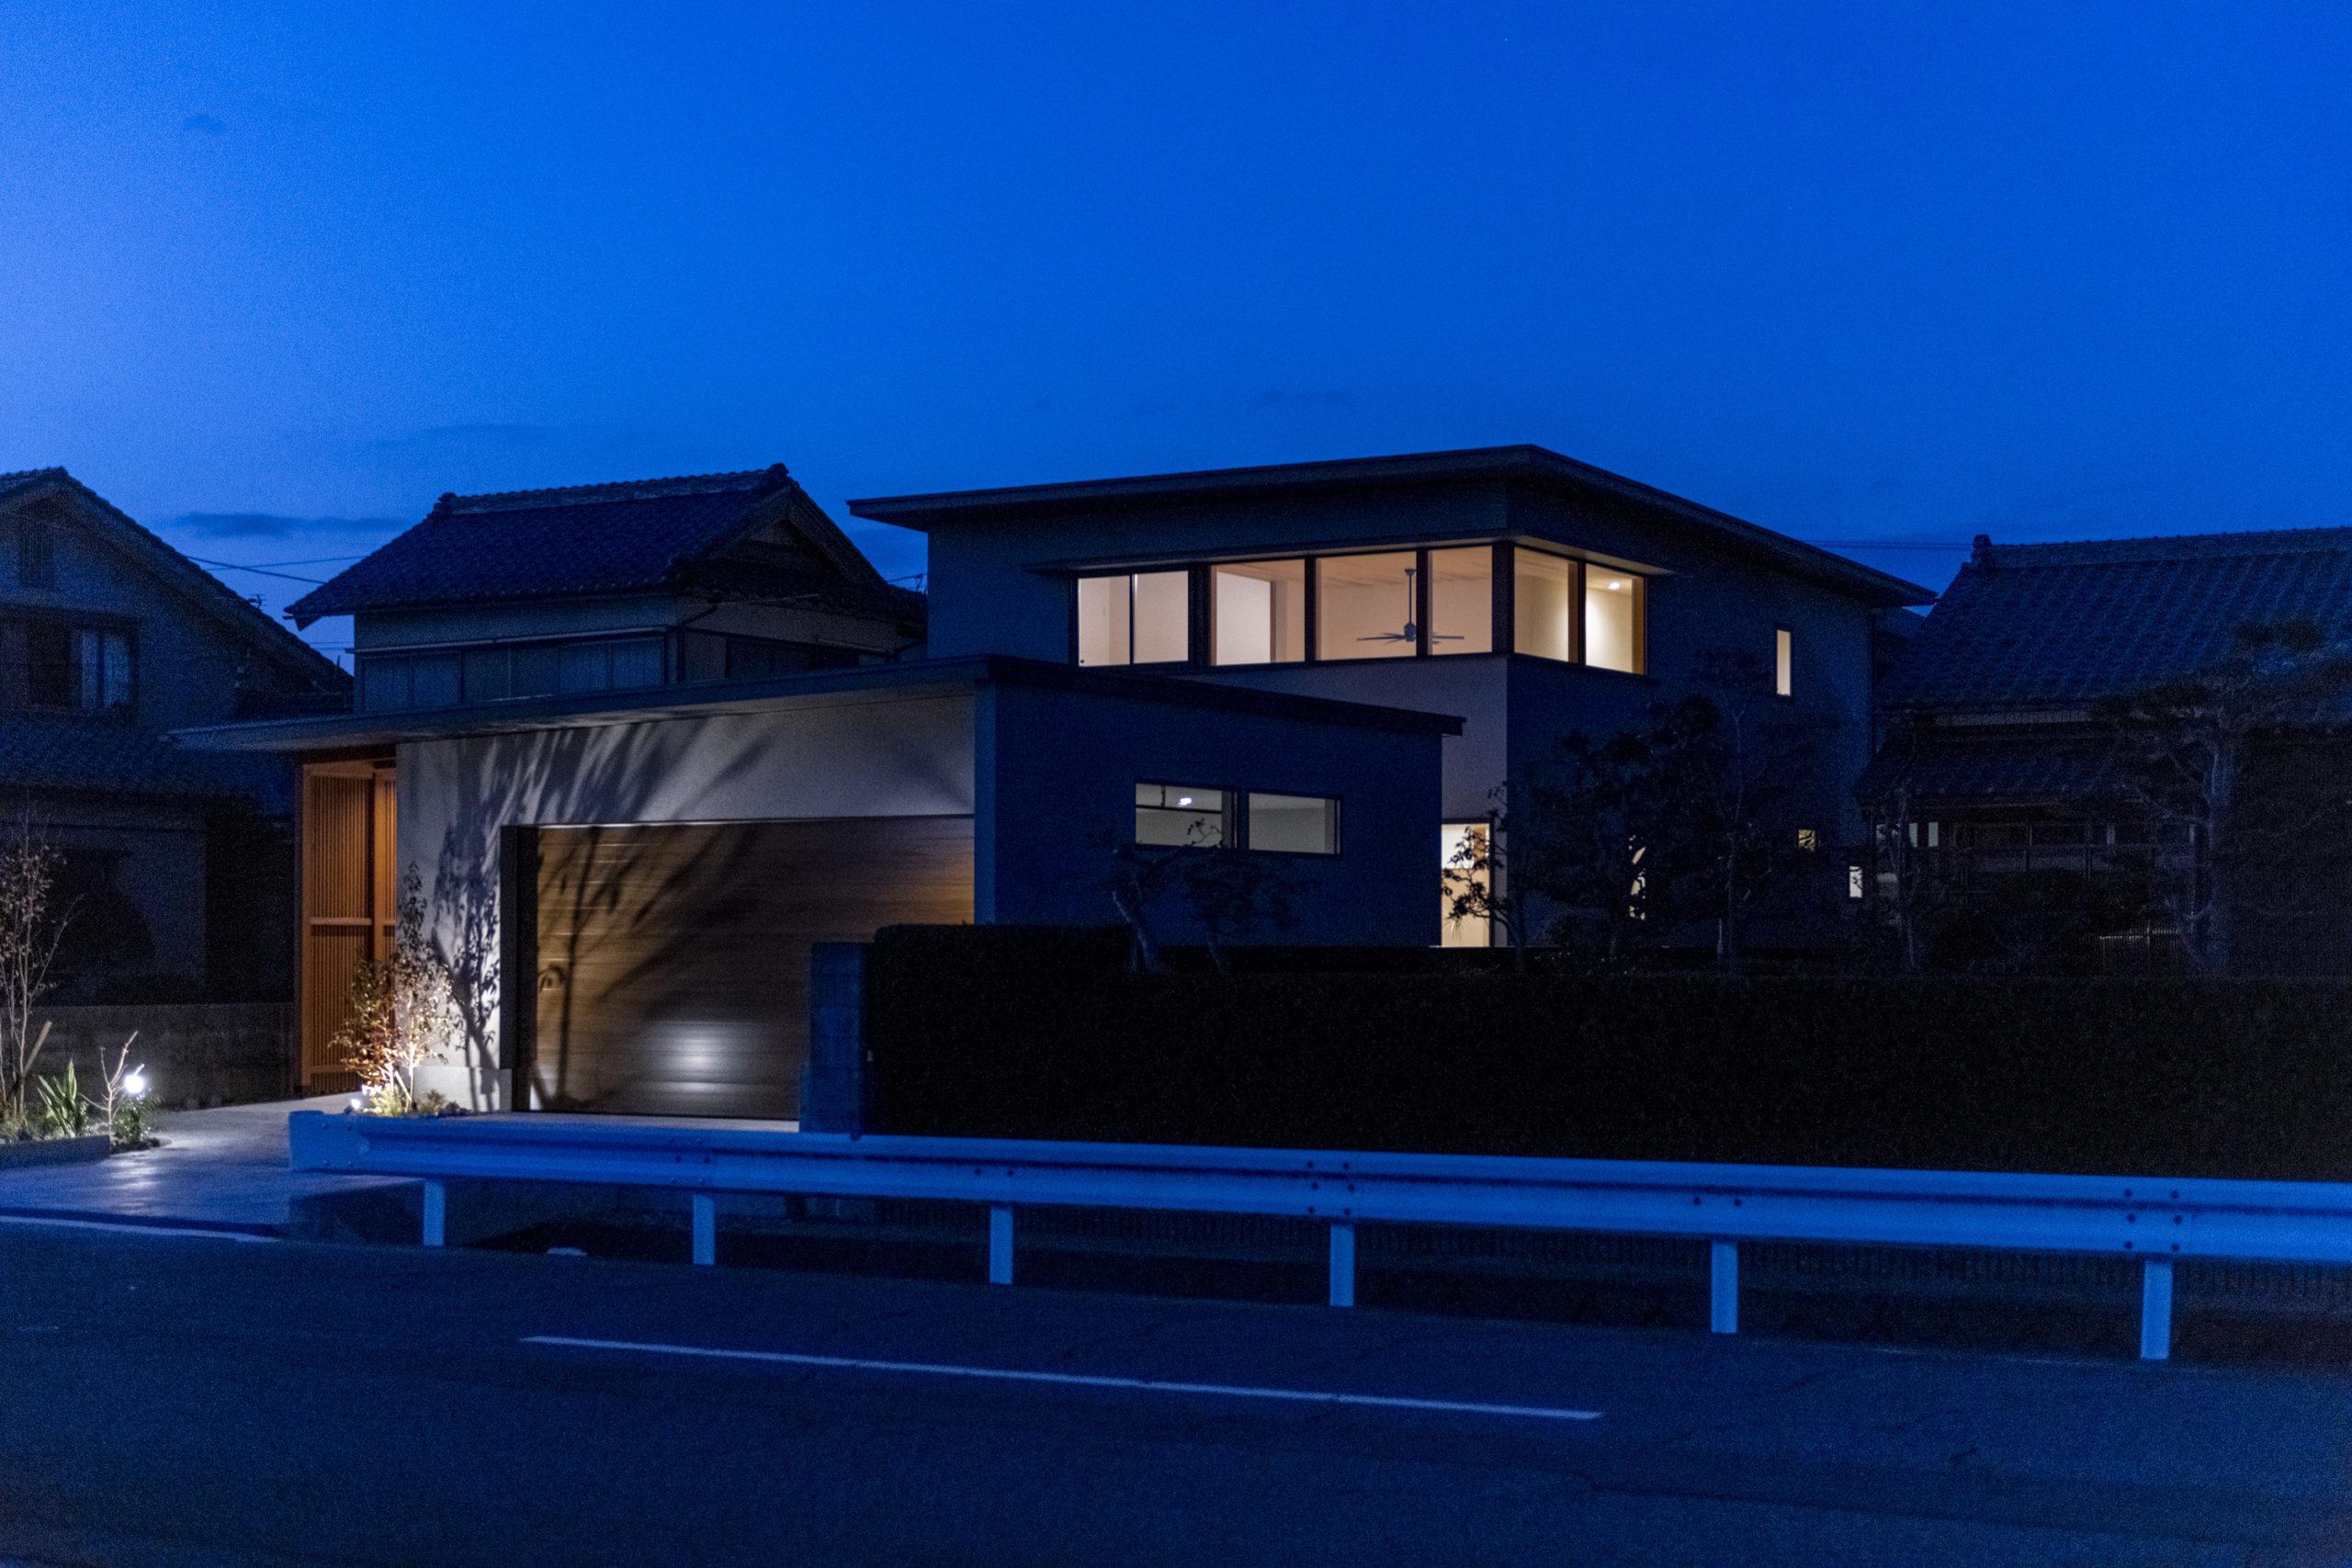 BUNKYO HOUSE